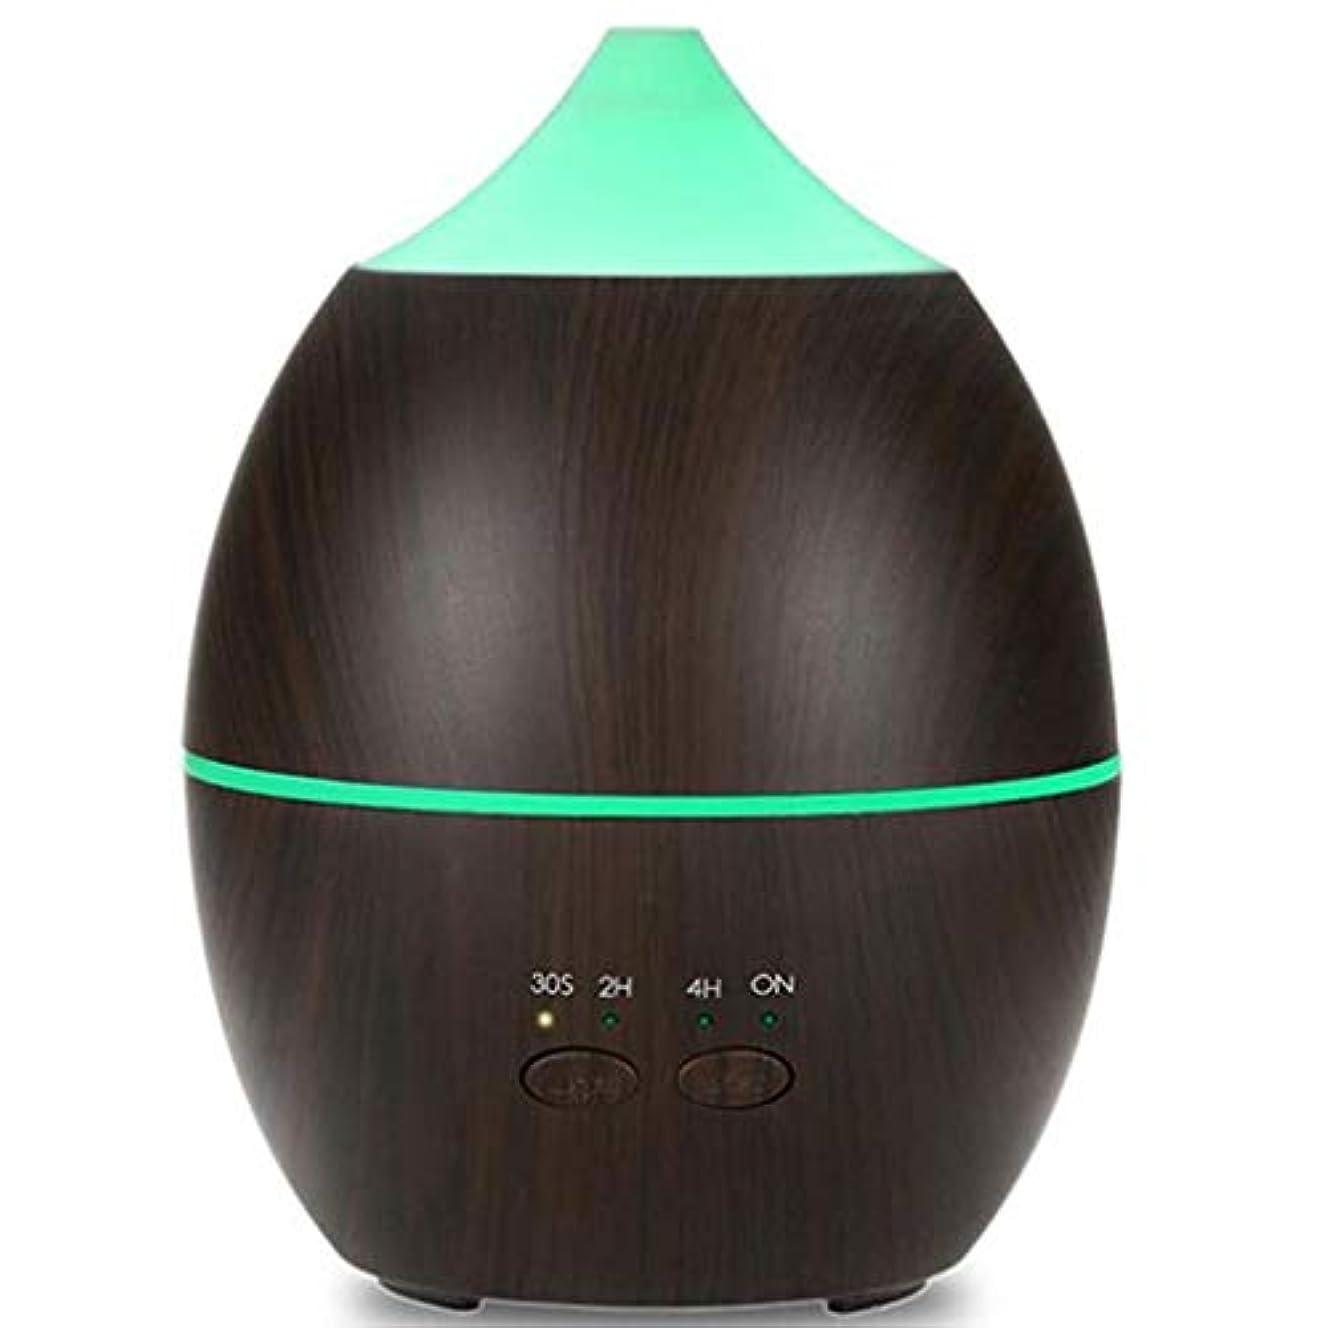 魅了する注意転送300 Mlエッセンシャルオイルディフューザーアロマディフューザーウッド穀物アロマディフューザーで7色ledライト、調節可能なミストモード用ホームオフィスヨガ